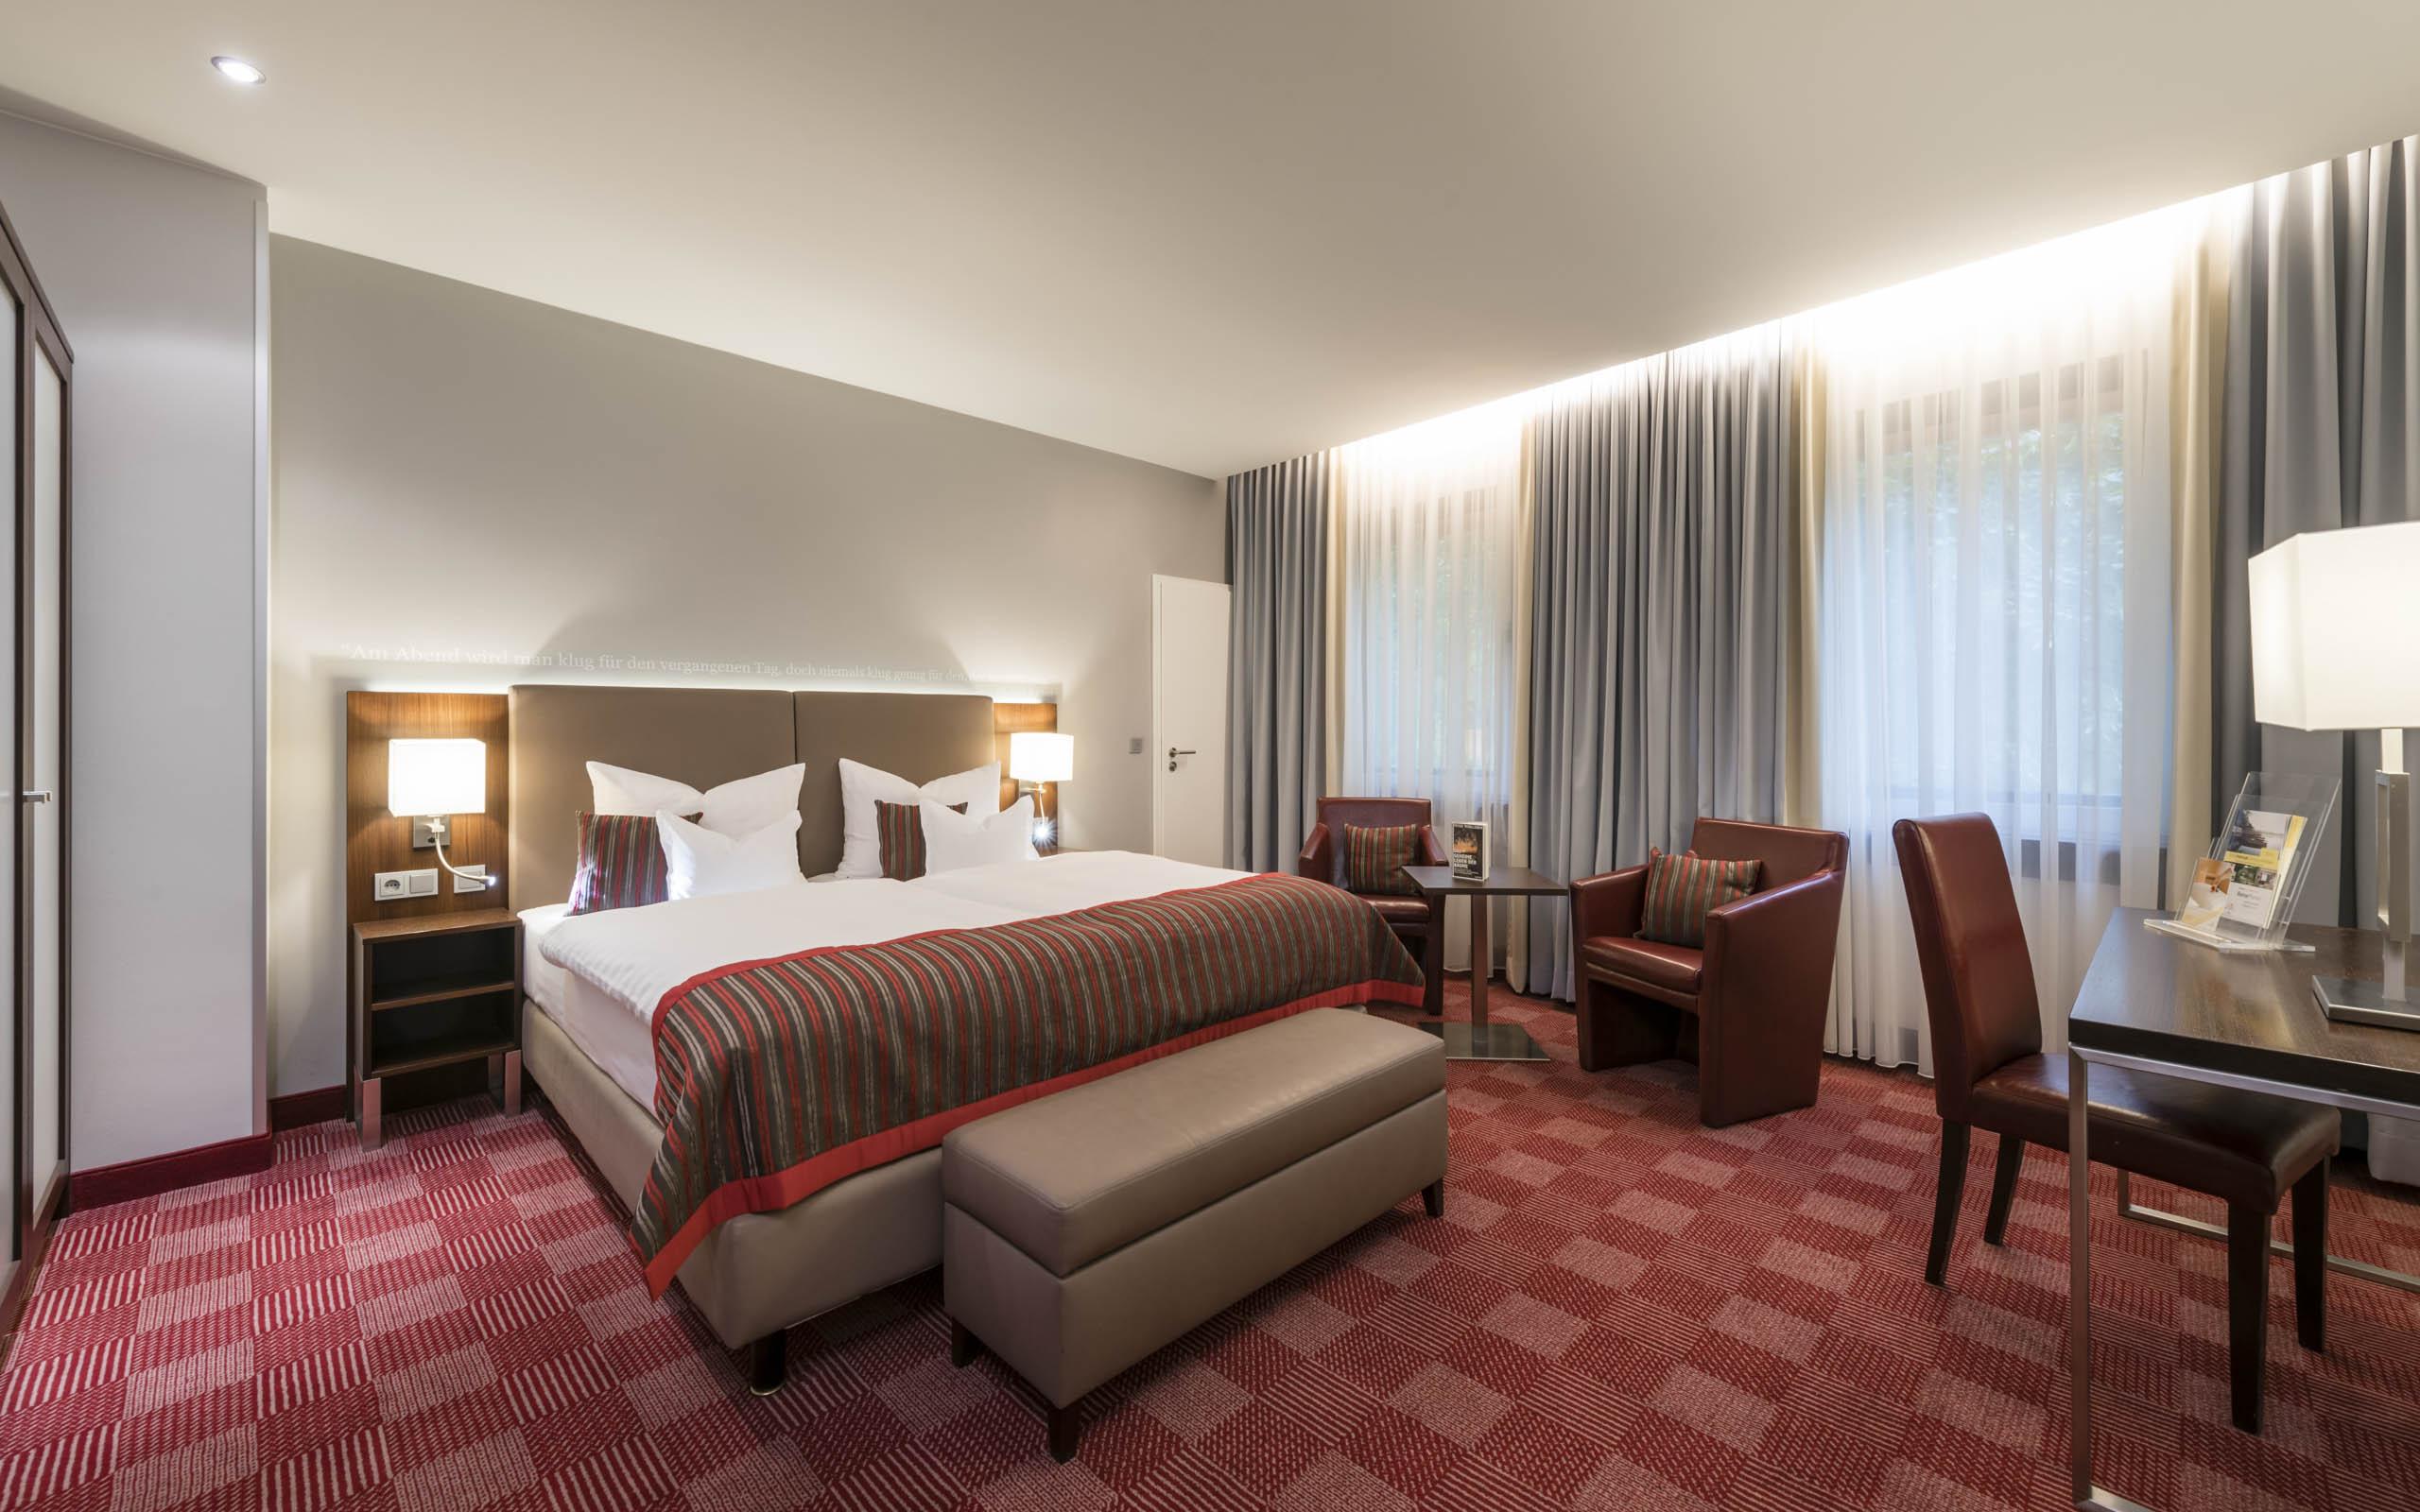 Superior Doppelzimmer, Hotel Coburg, Hotel Stadt Coburg